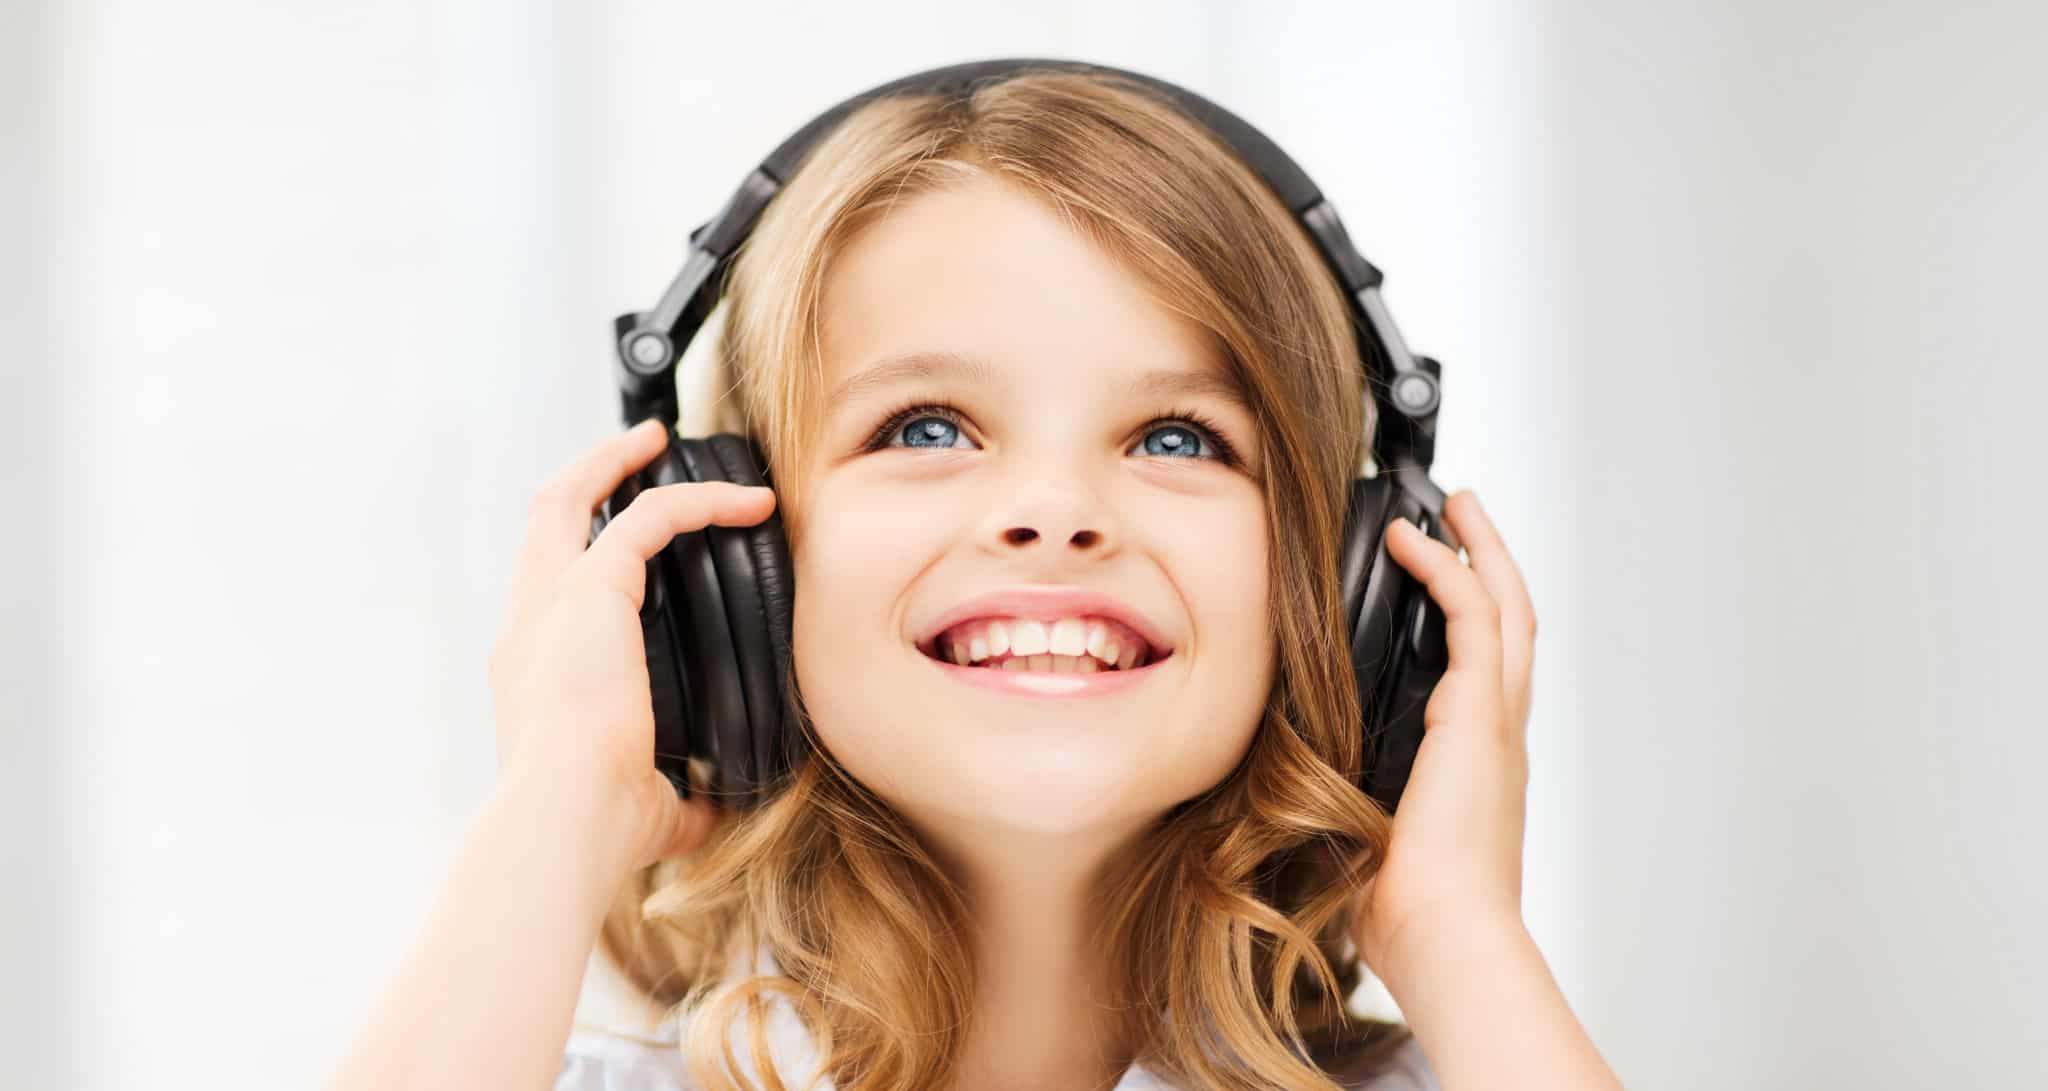 Vorteile und Nachteile von Funkkopfhörern